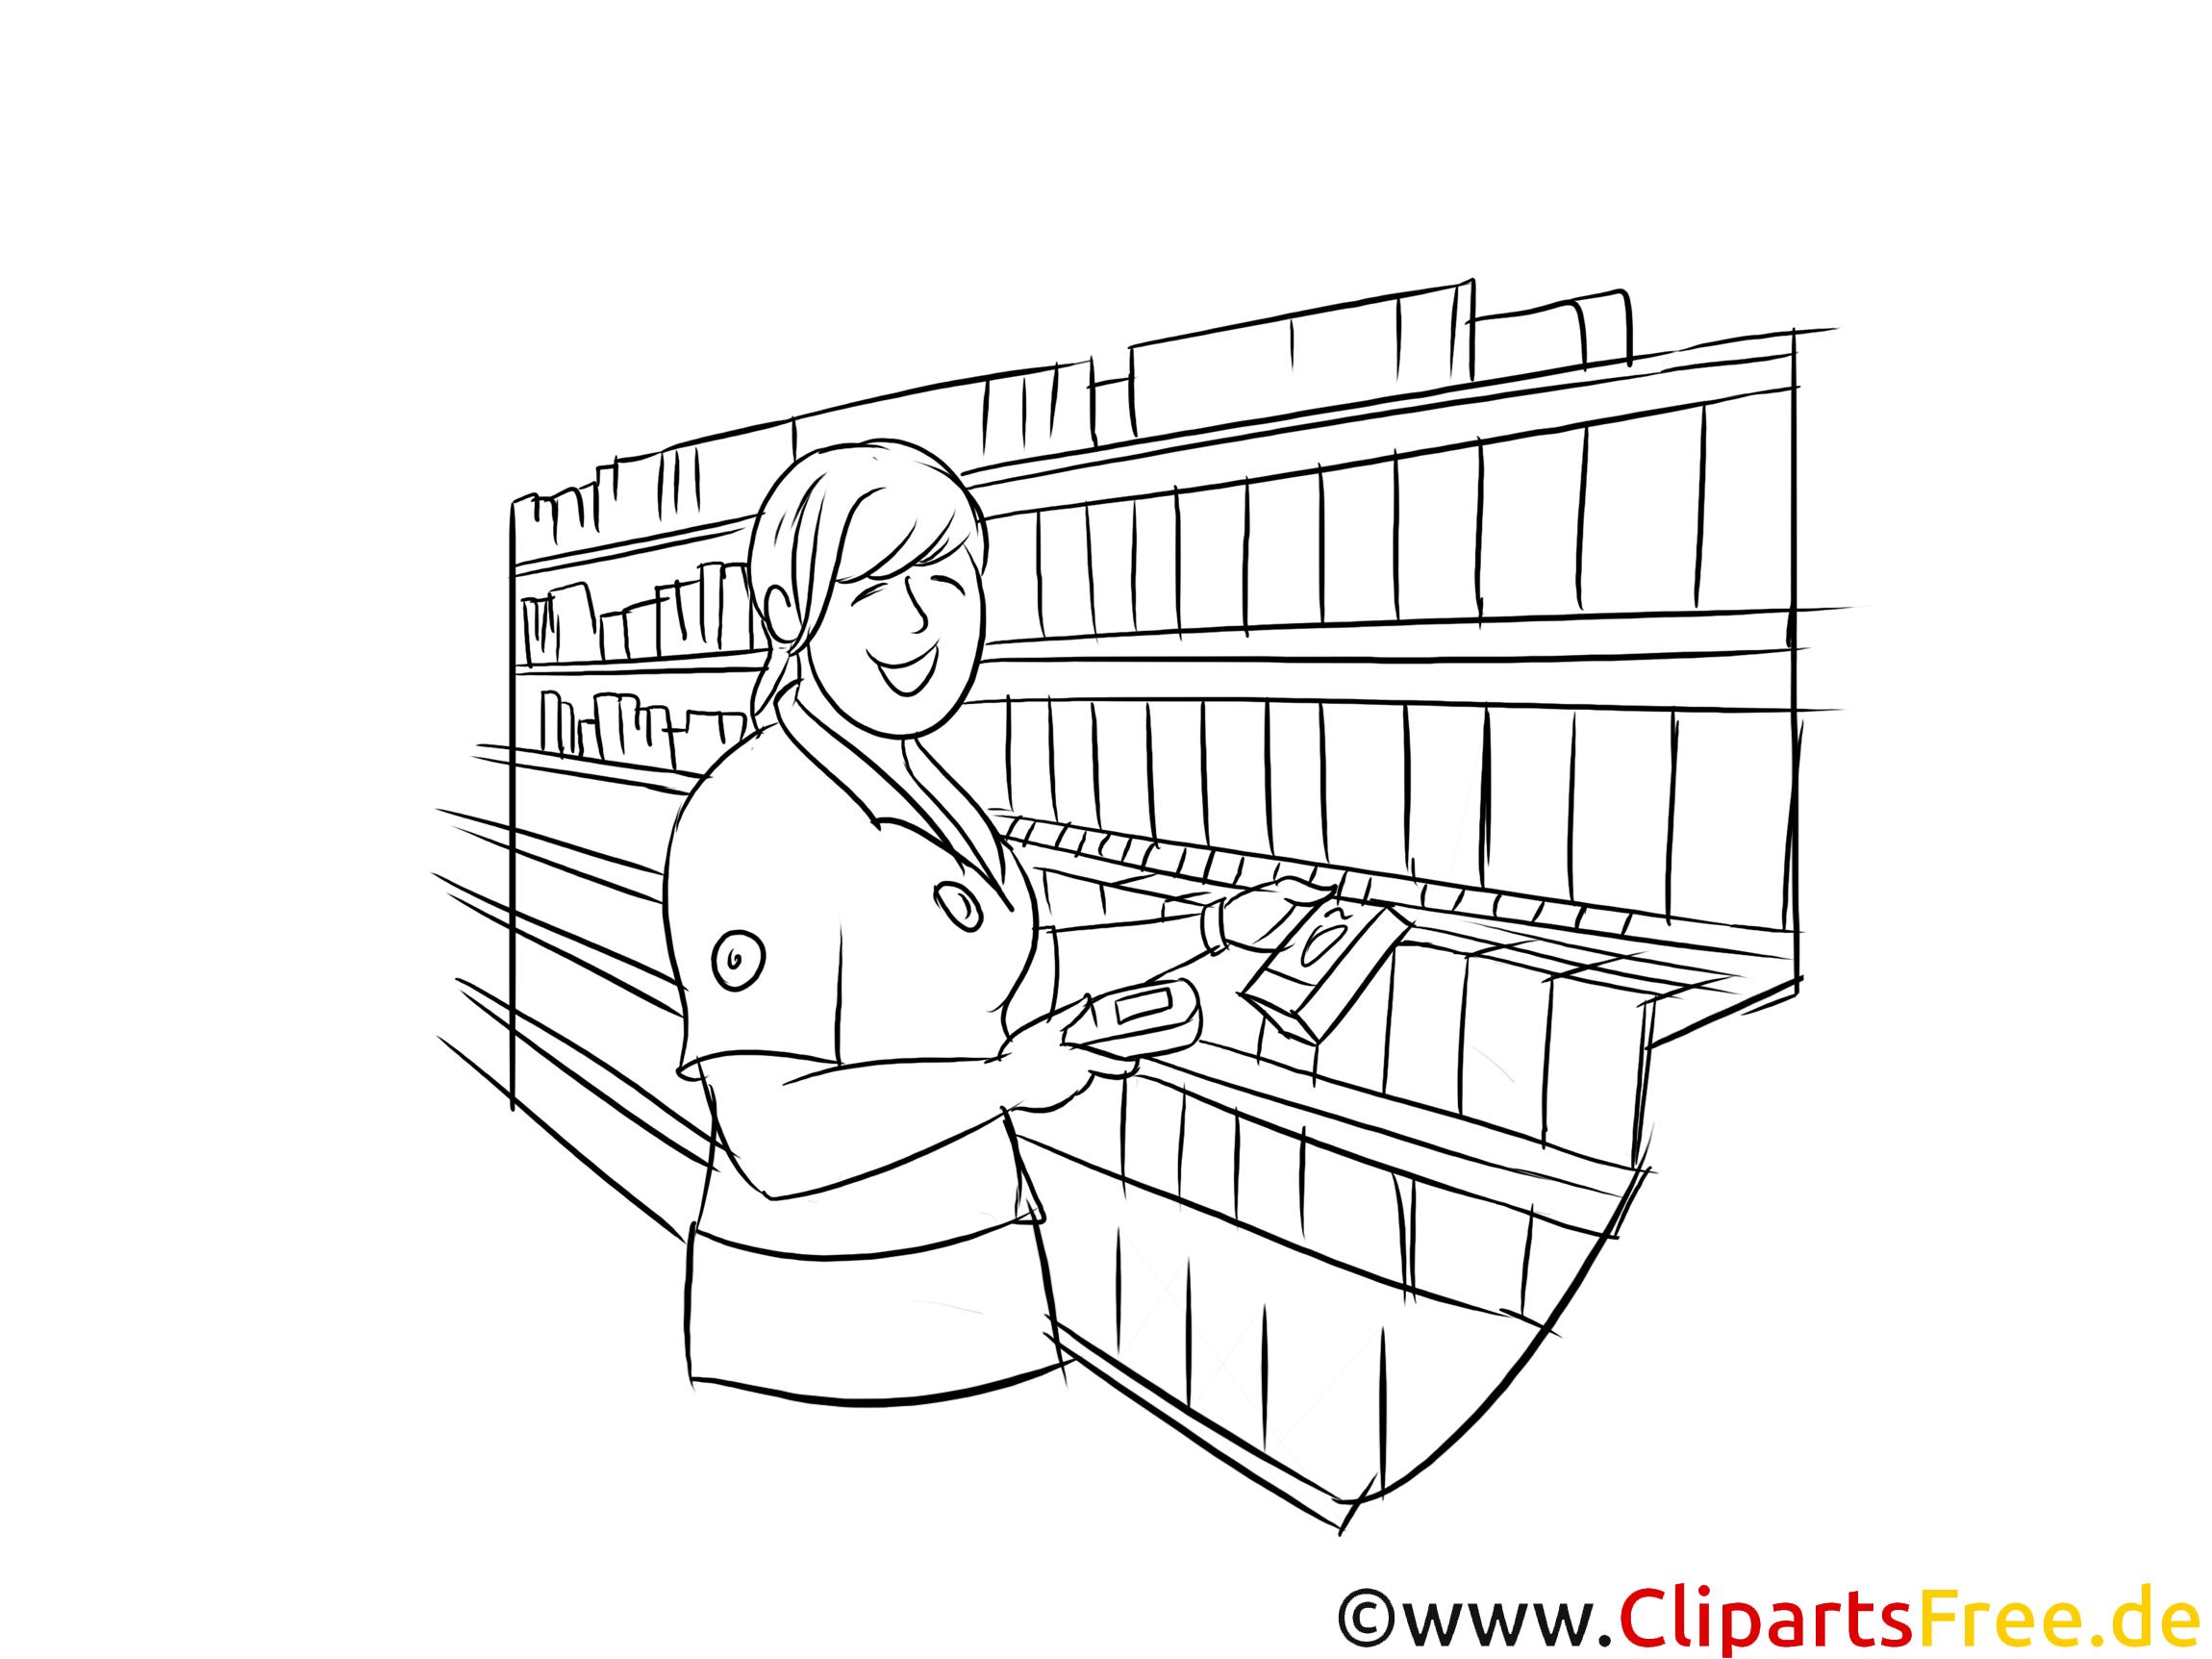 Kaufmann  im Einzelhandel schwarz weiße Strichzeichnungen, Bilder, Cliparts zum Thema Berufe